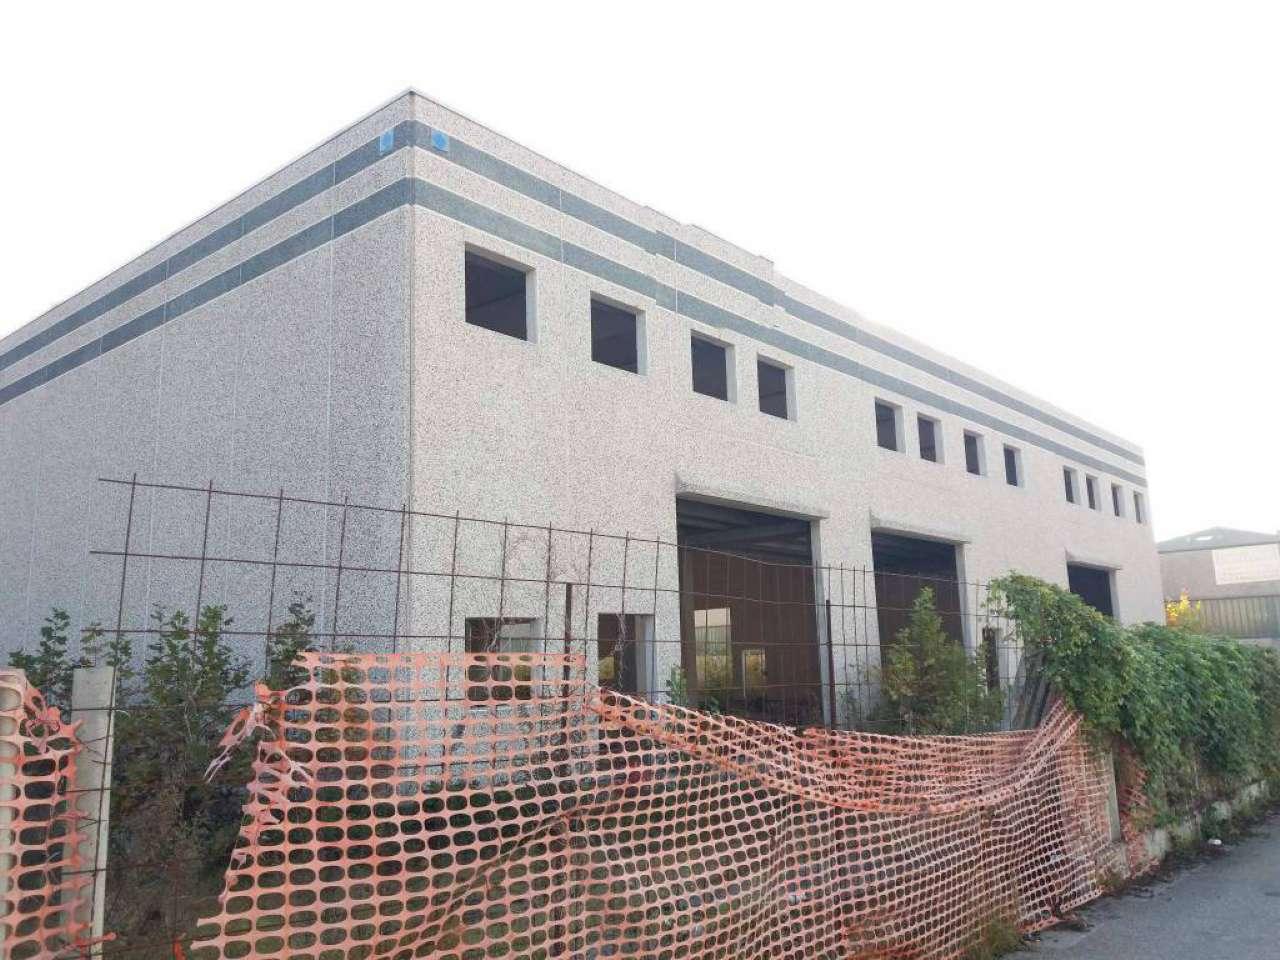 Capannone in vendita a Melzo, 1 locali, prezzo € 1.480.000 | PortaleAgenzieImmobiliari.it